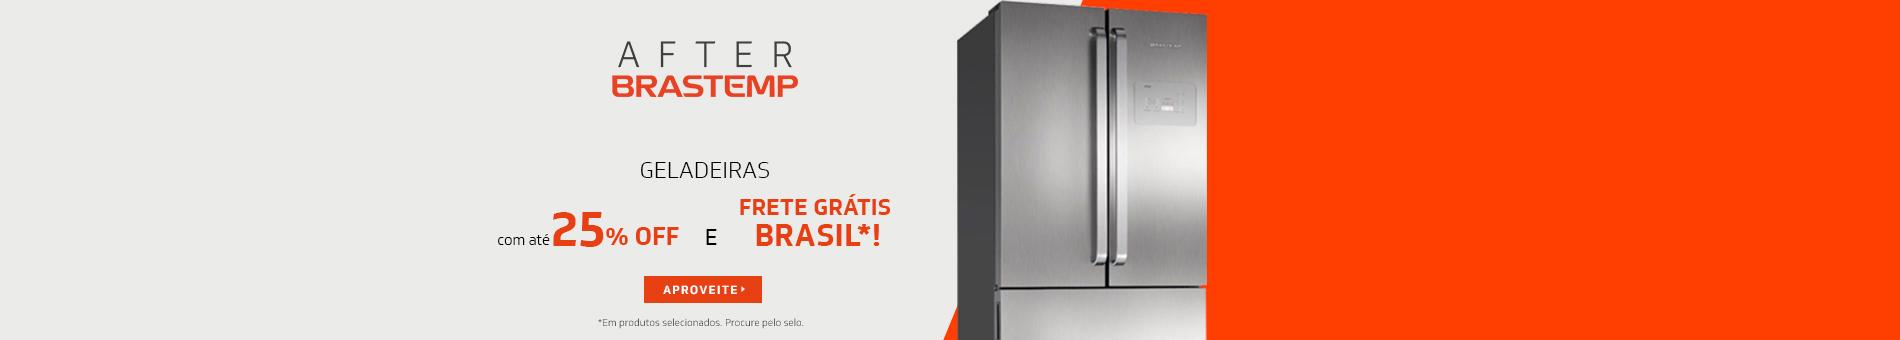 Promoção Interna - 2172 - cam-after_geladeiras-frete_9022018_home3 - geladeiras-frete - 3